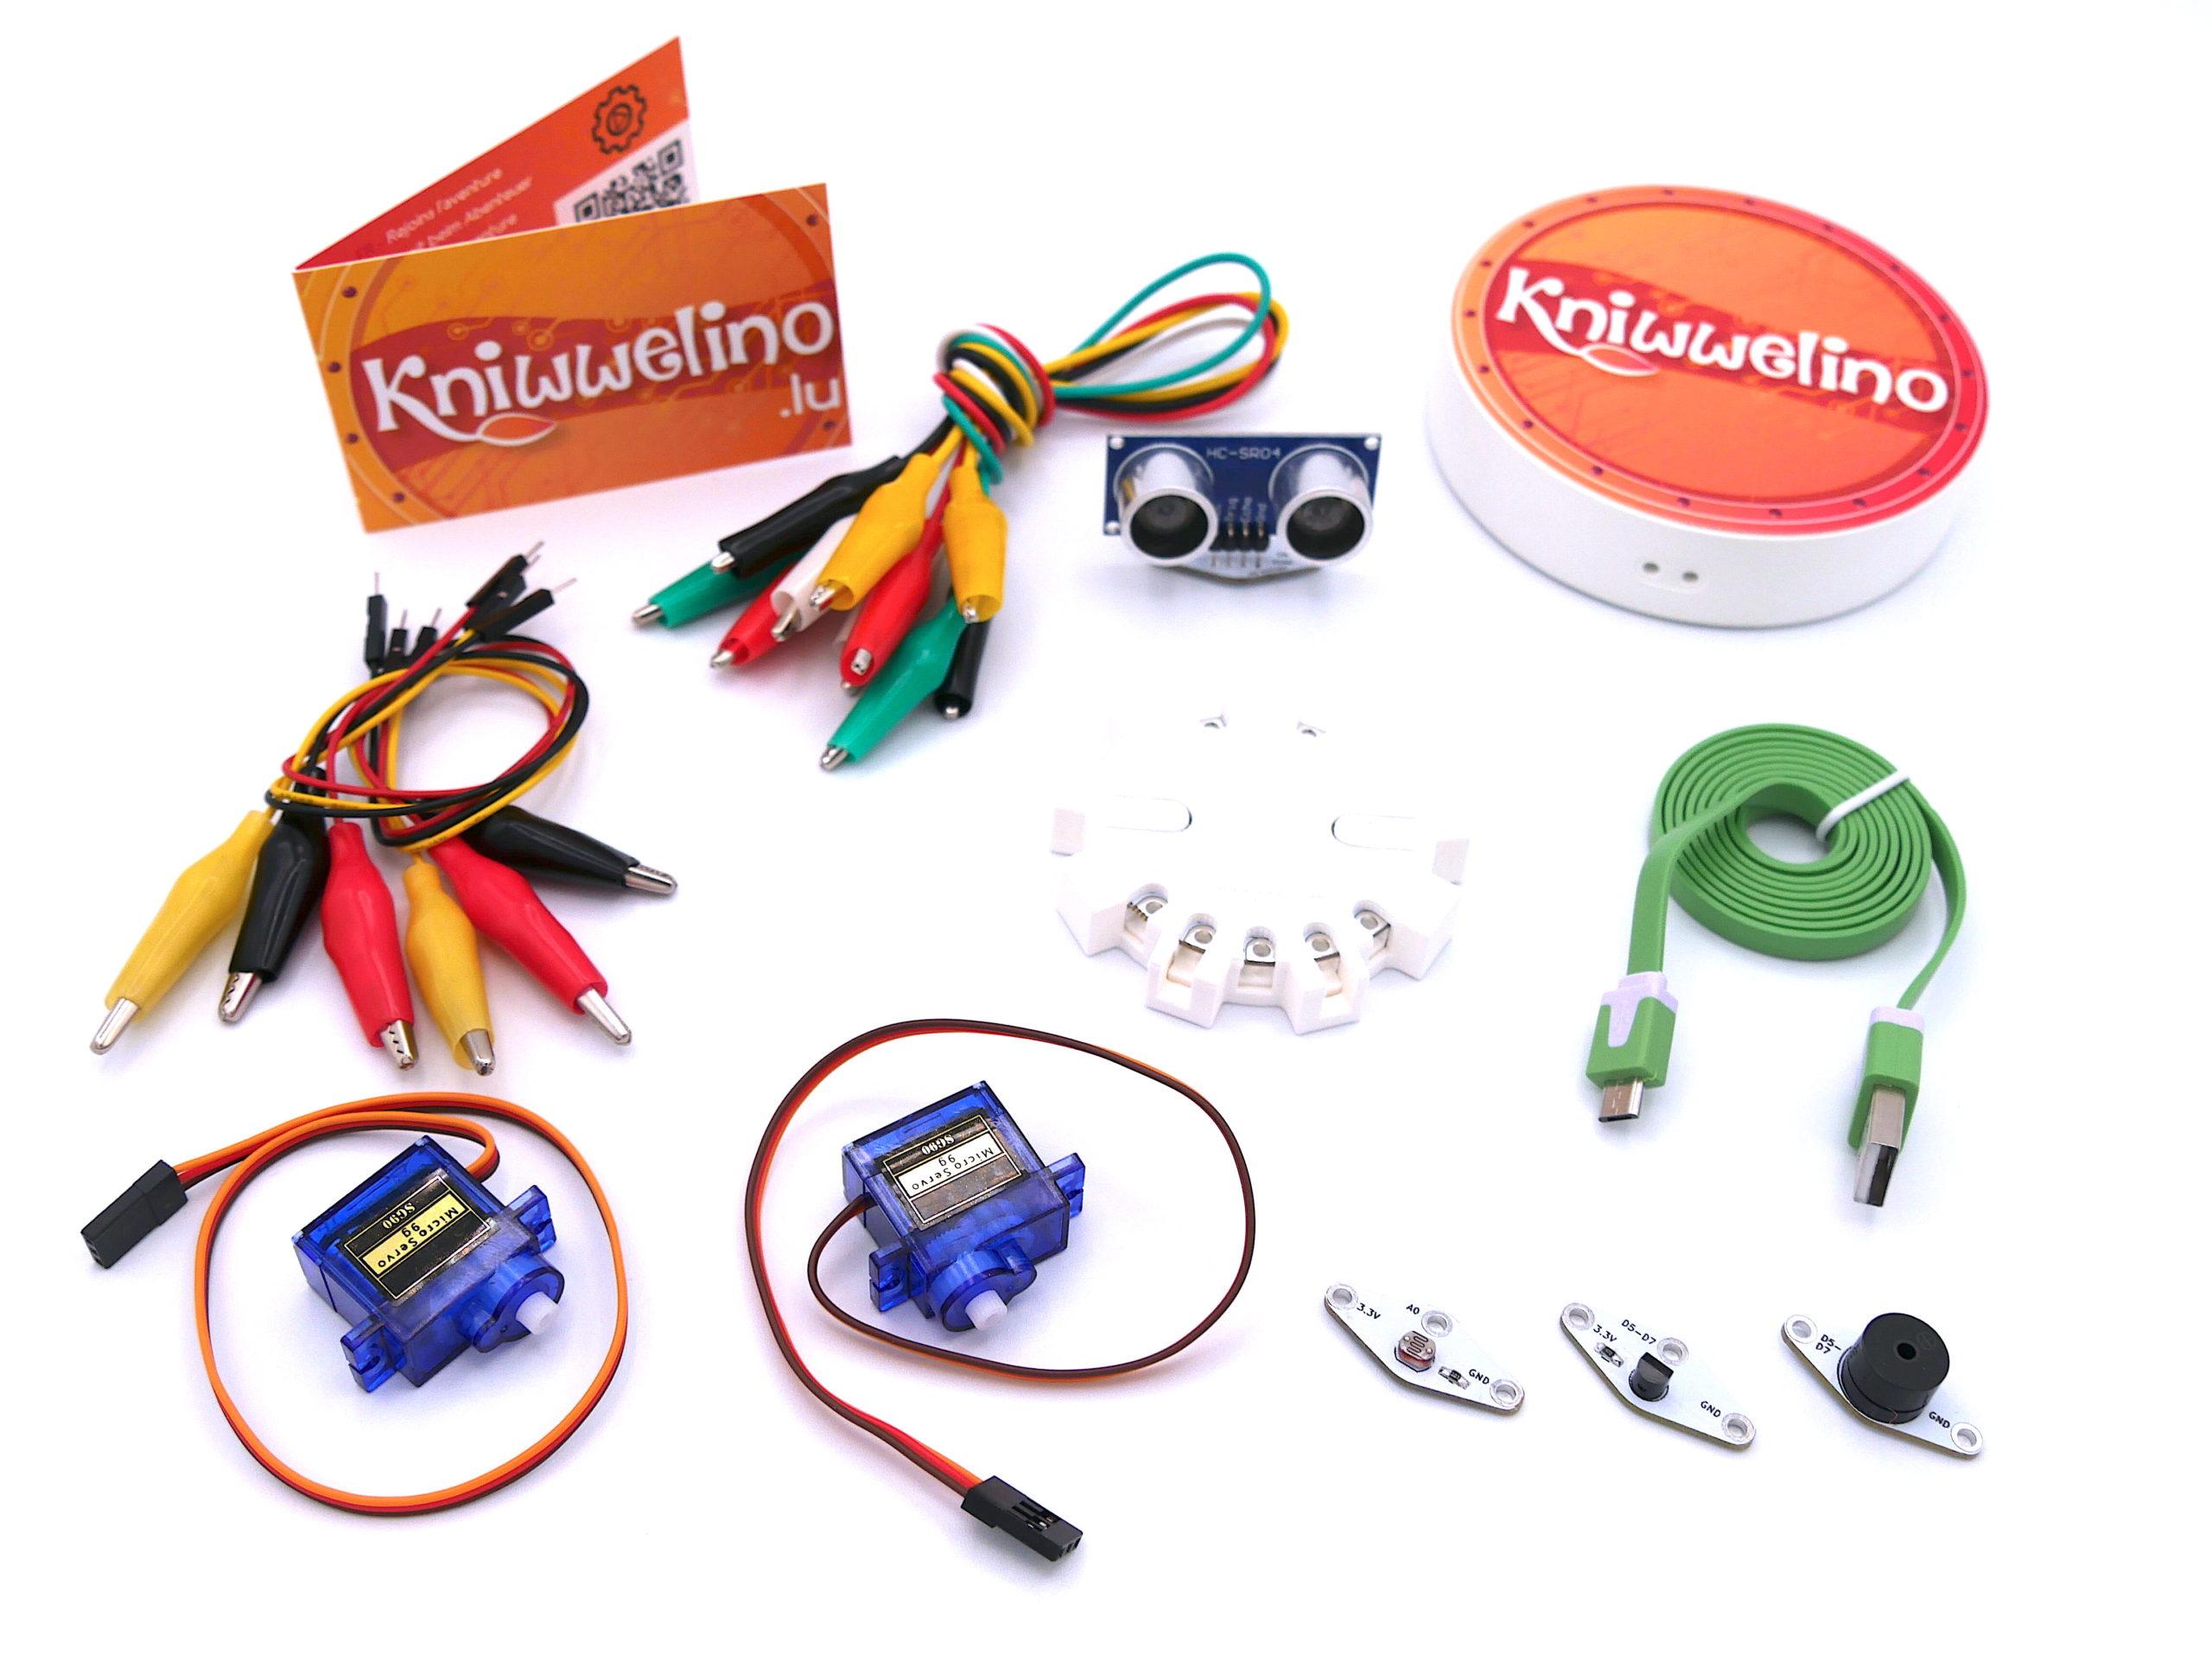 Contenu du My Explorer Kniwwelino Box avec une carte électronique/un kniwwelino, une batterie rechargeable, un câble USB, 5 pinces crocodiles simples, 6 pinces crocodiles spéciales, un capteur de distance, un capteur de température, un buzzer, 2 moteurs et leurs hélices.